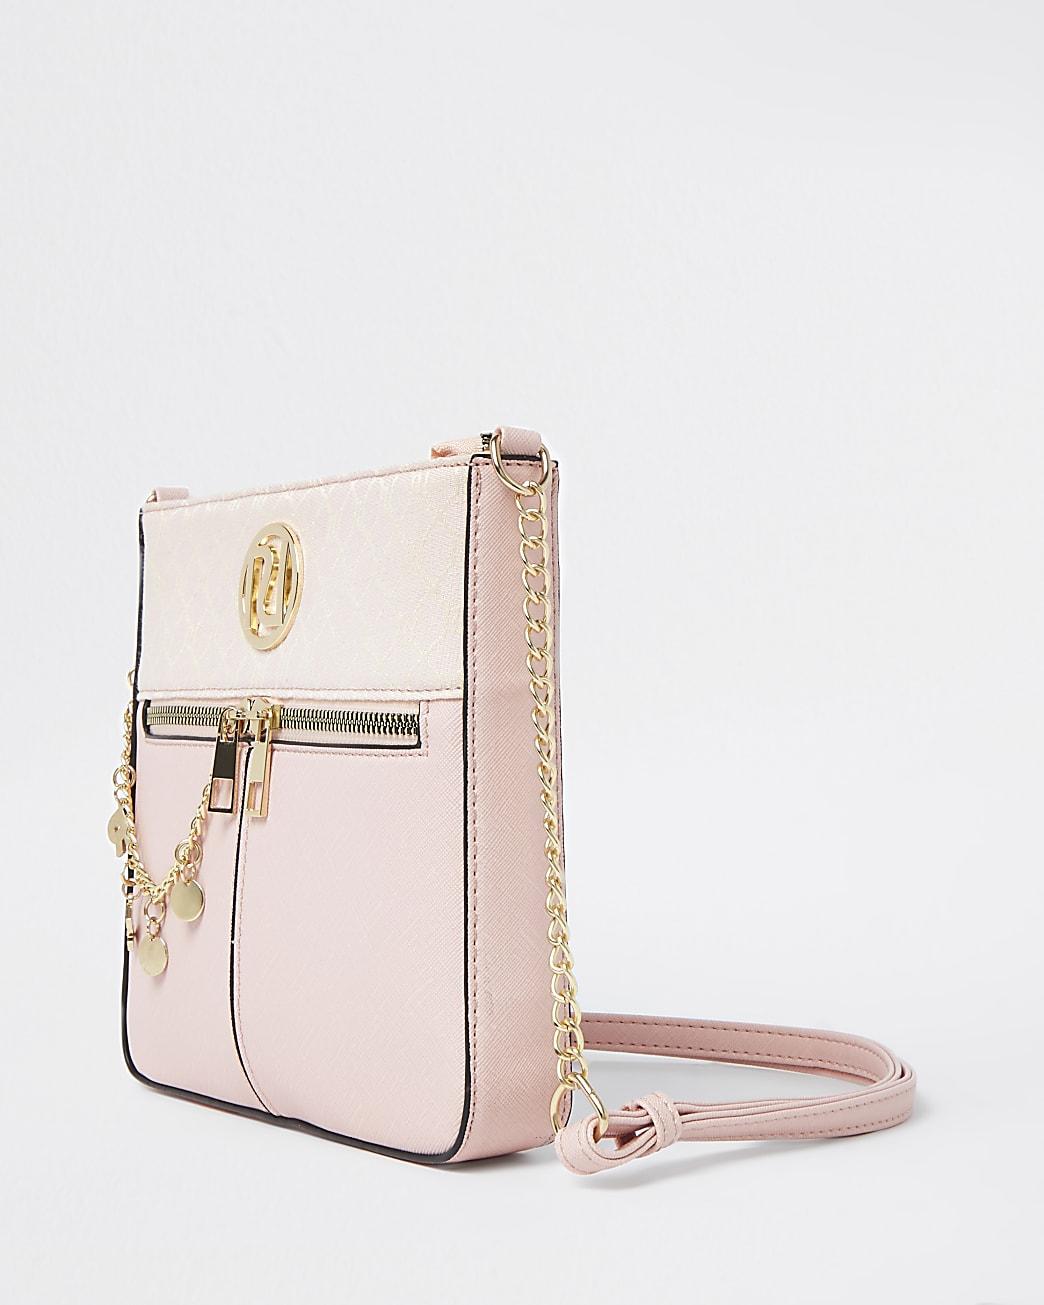 Girls pink chain messenger bag